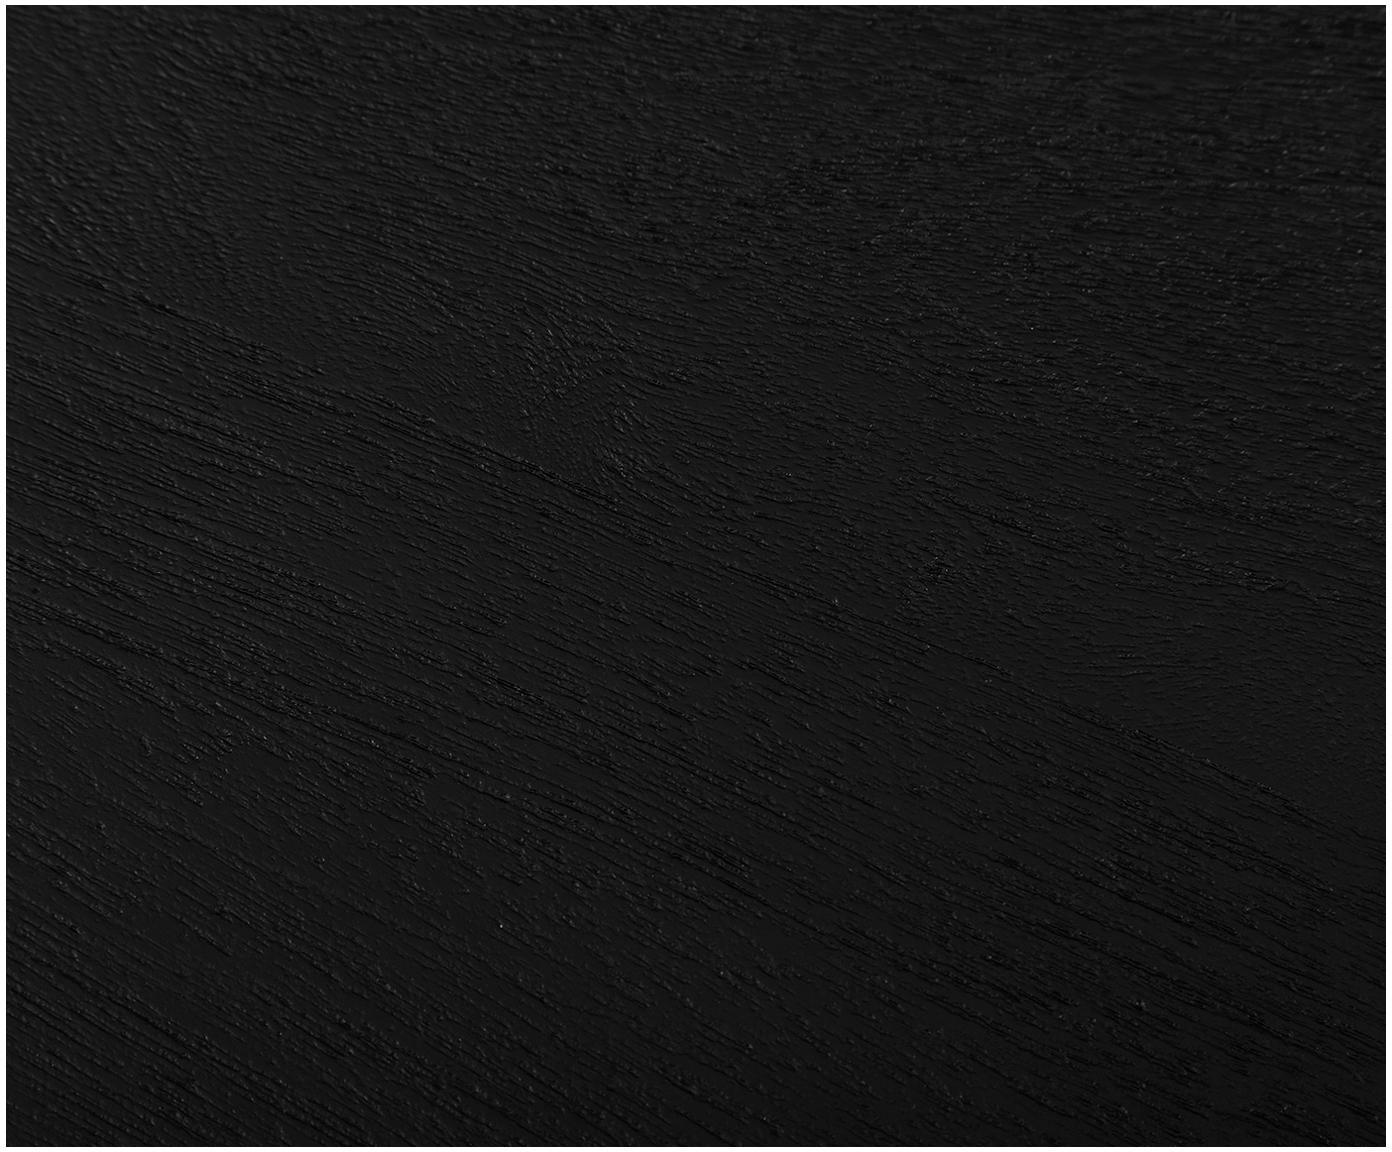 Komoda z litego drewna Luca, Korpus: lite drewno mangowe, szcz, Stelaż: metal malowany proszkowo, Korpus: czarny, lakierowany Stelaż: czarny, matowy, S 160 x W 70 cm